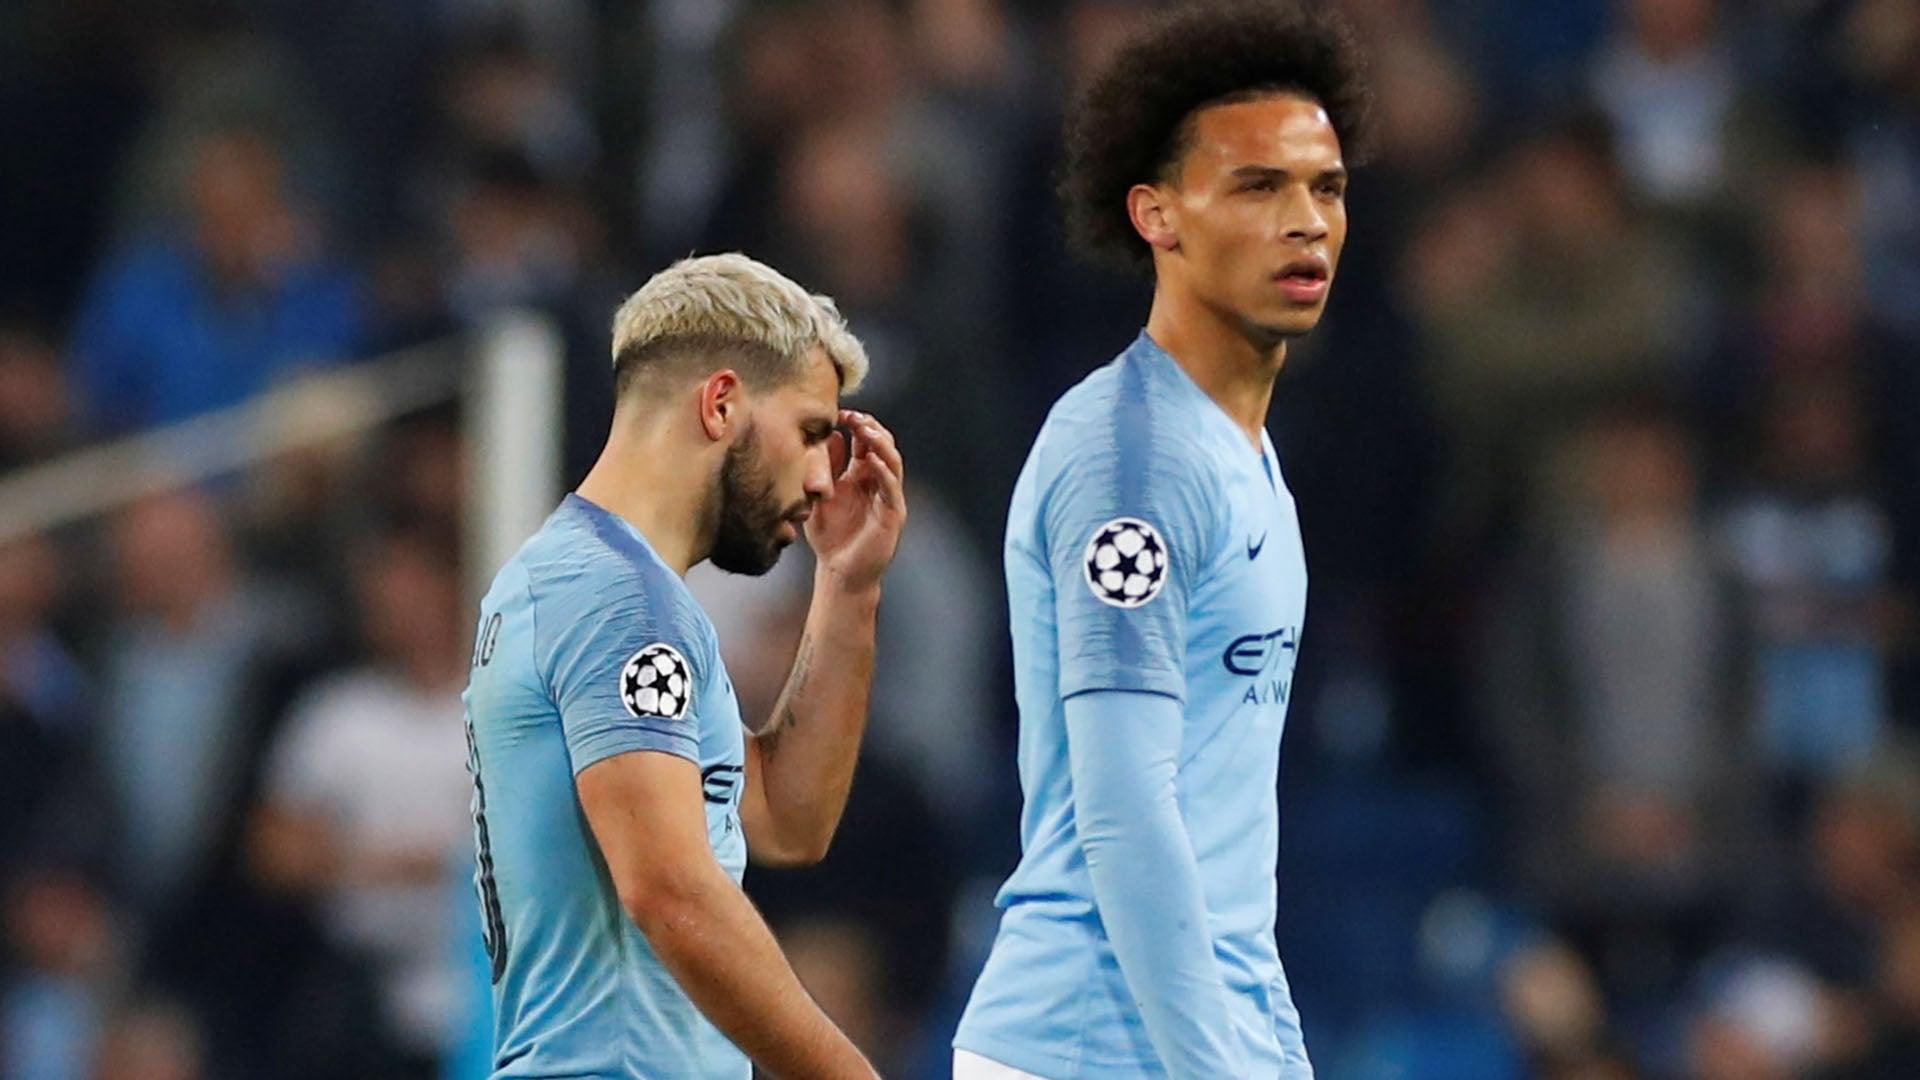 La UEFA excluye al Manchester City de sus torneos por fair-play financiero